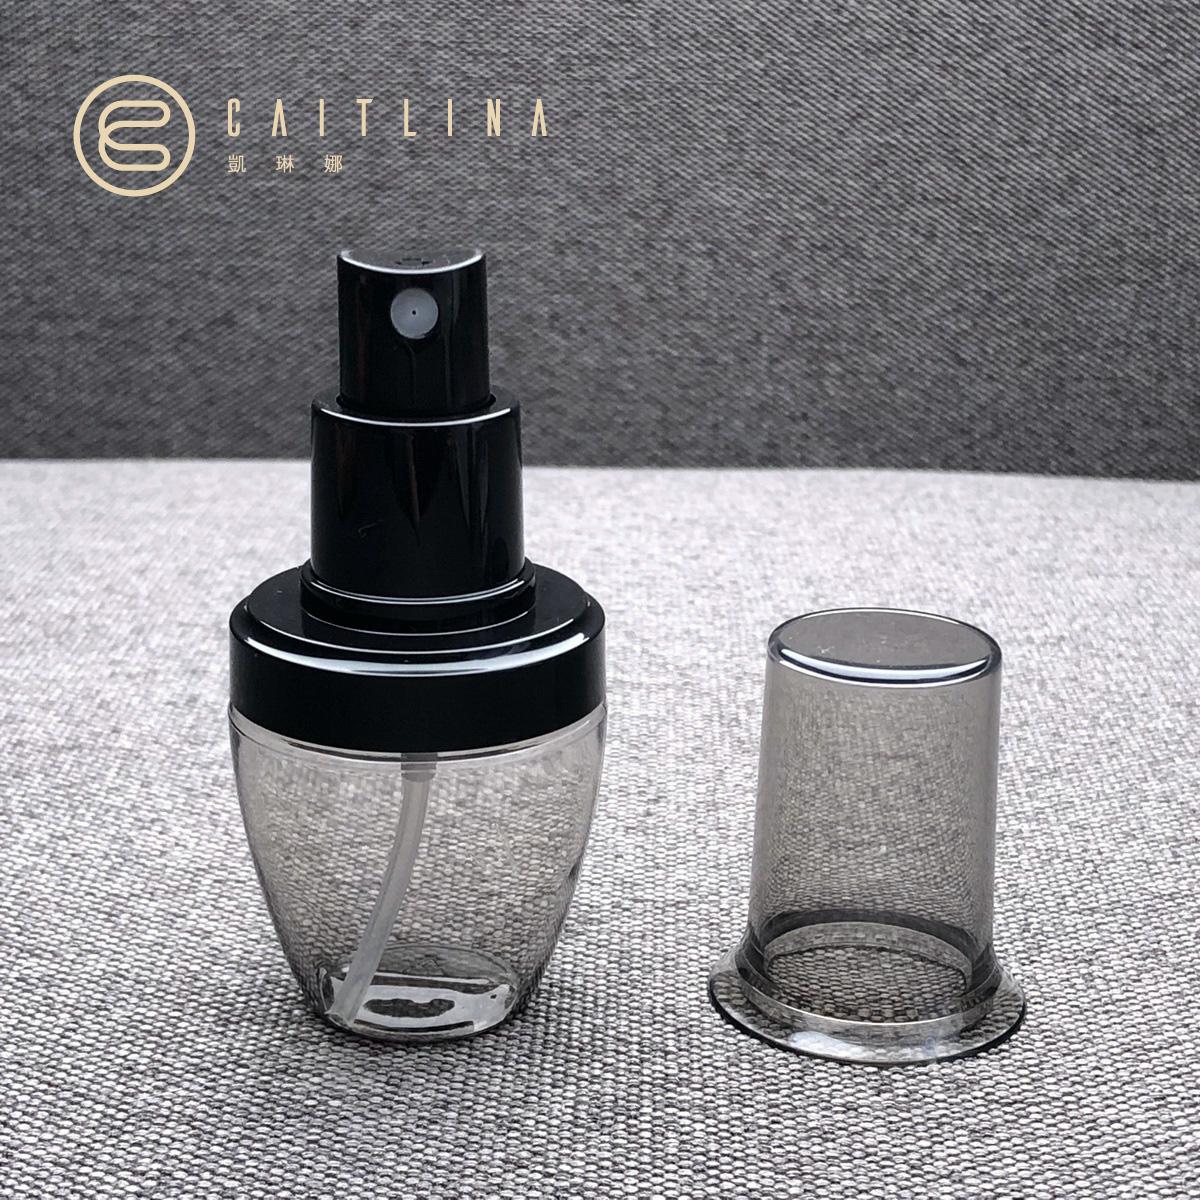 香港Caitlina喷雾瓶细雾状高档旅行分装瓶喷瓶化妆瓶爽肤水空瓶子